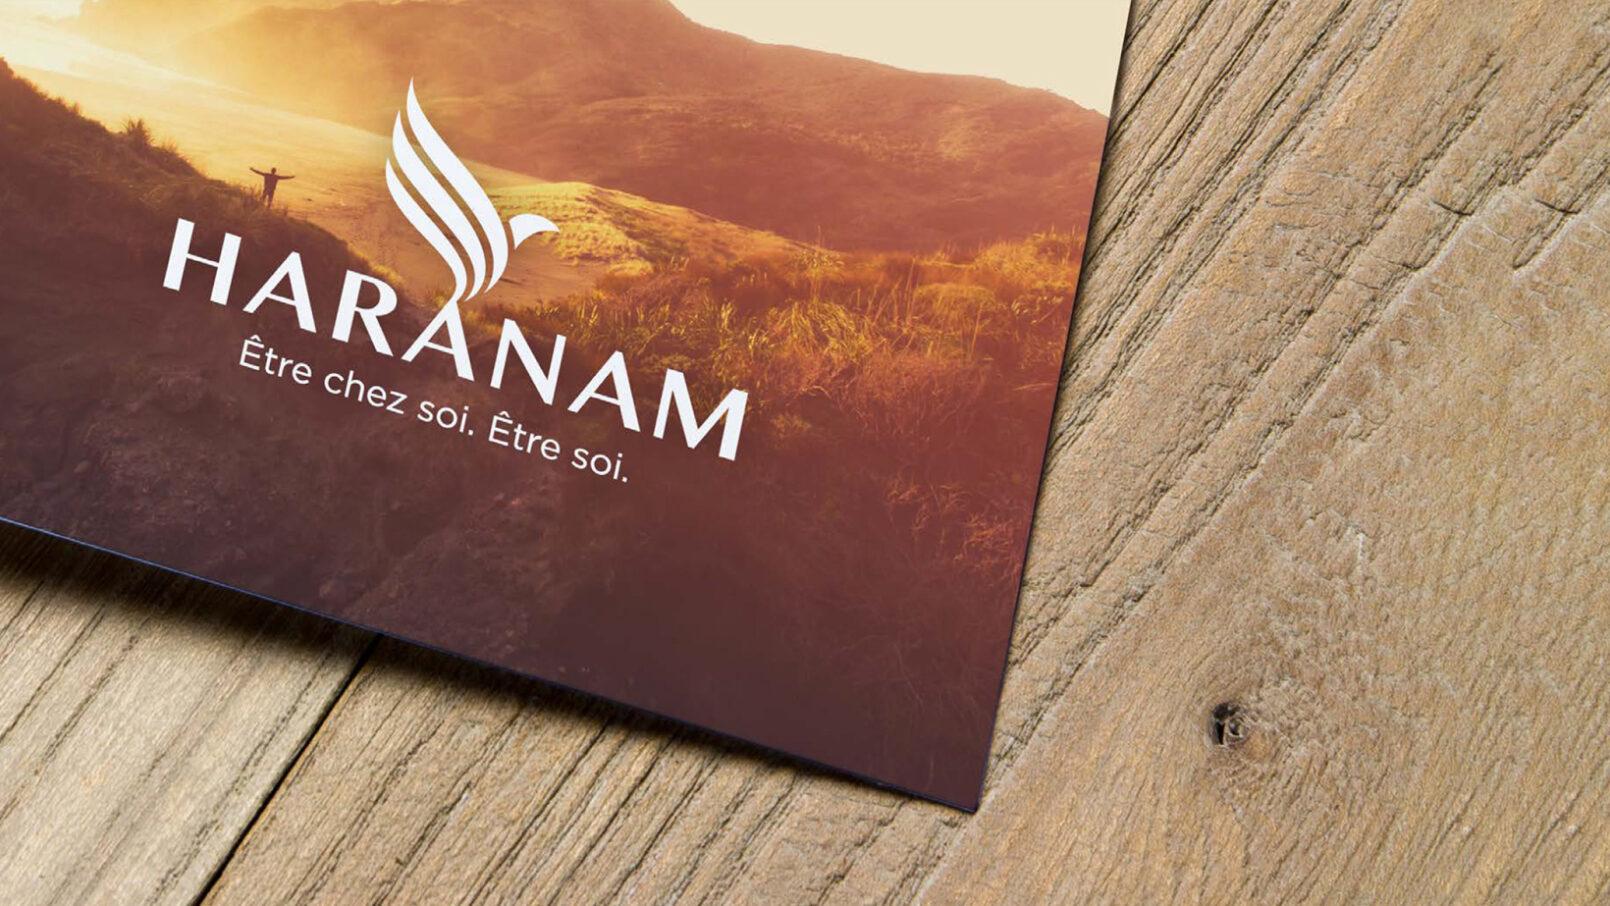 Marque Haranam Etre chez soi, être soi